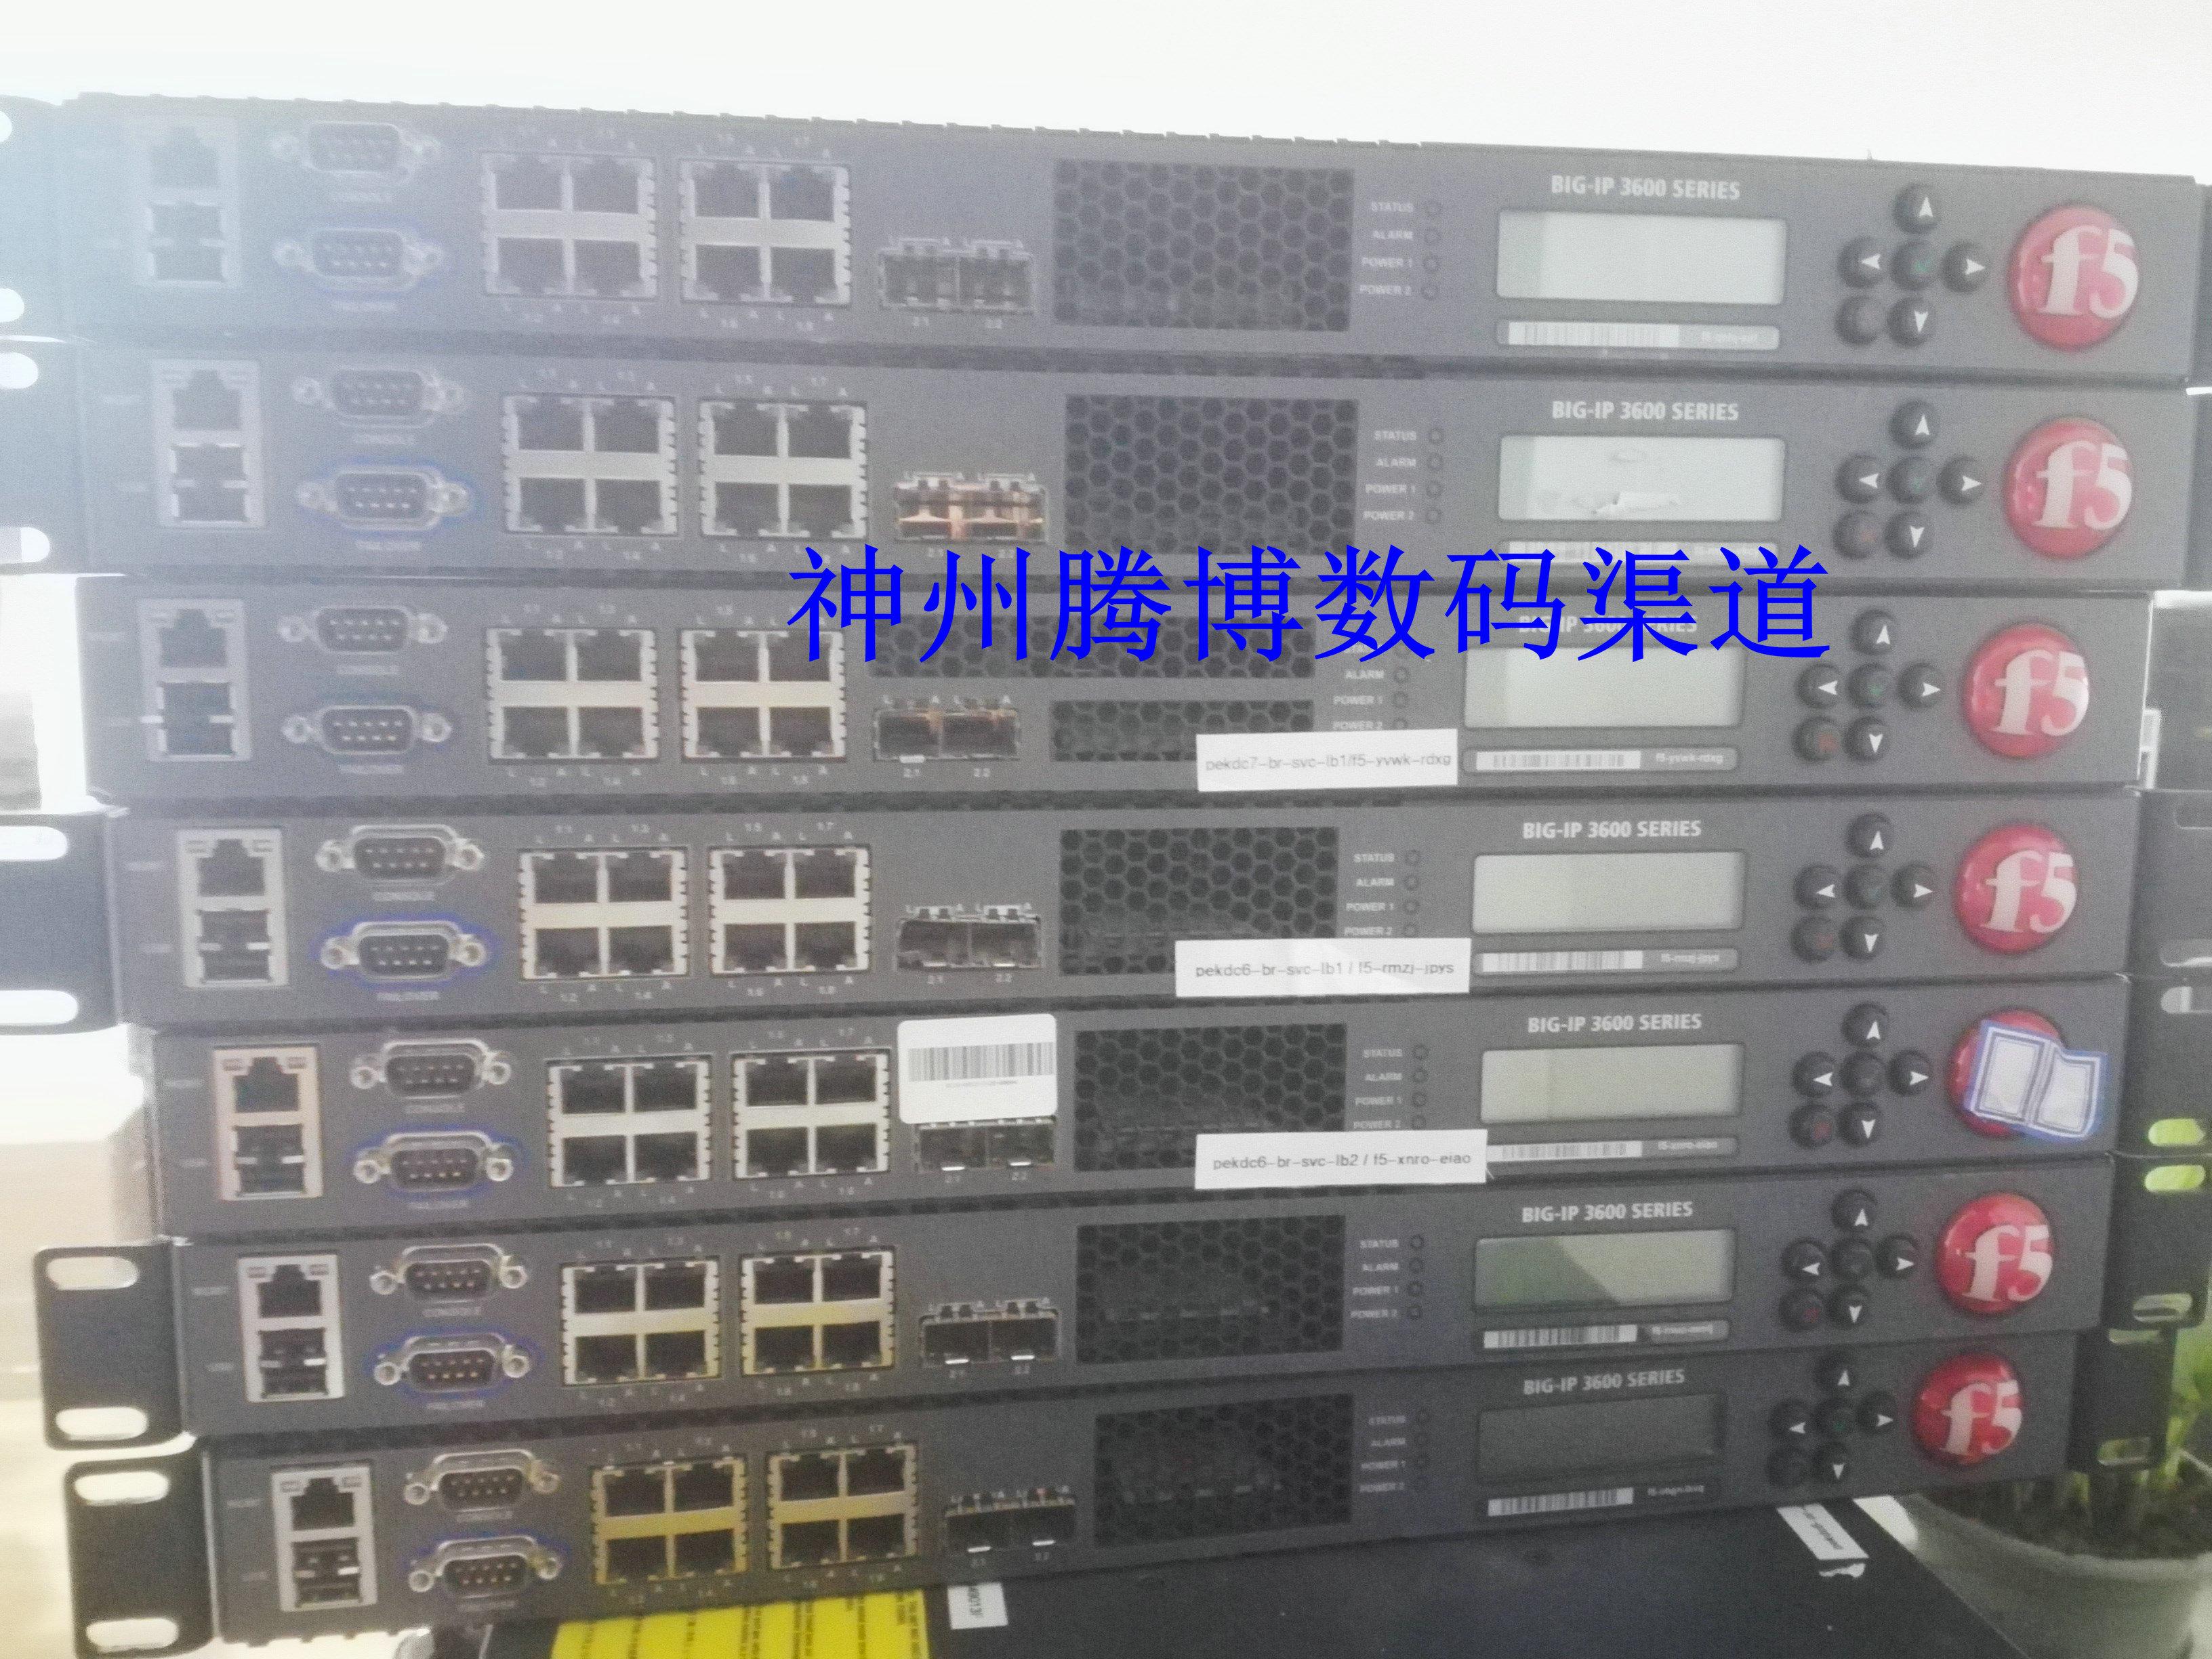 F5 балансировка нагрузки BIG-IP-LTM-3600 содержит Гарантия на накопитель на жестком диске LICENSE полгода